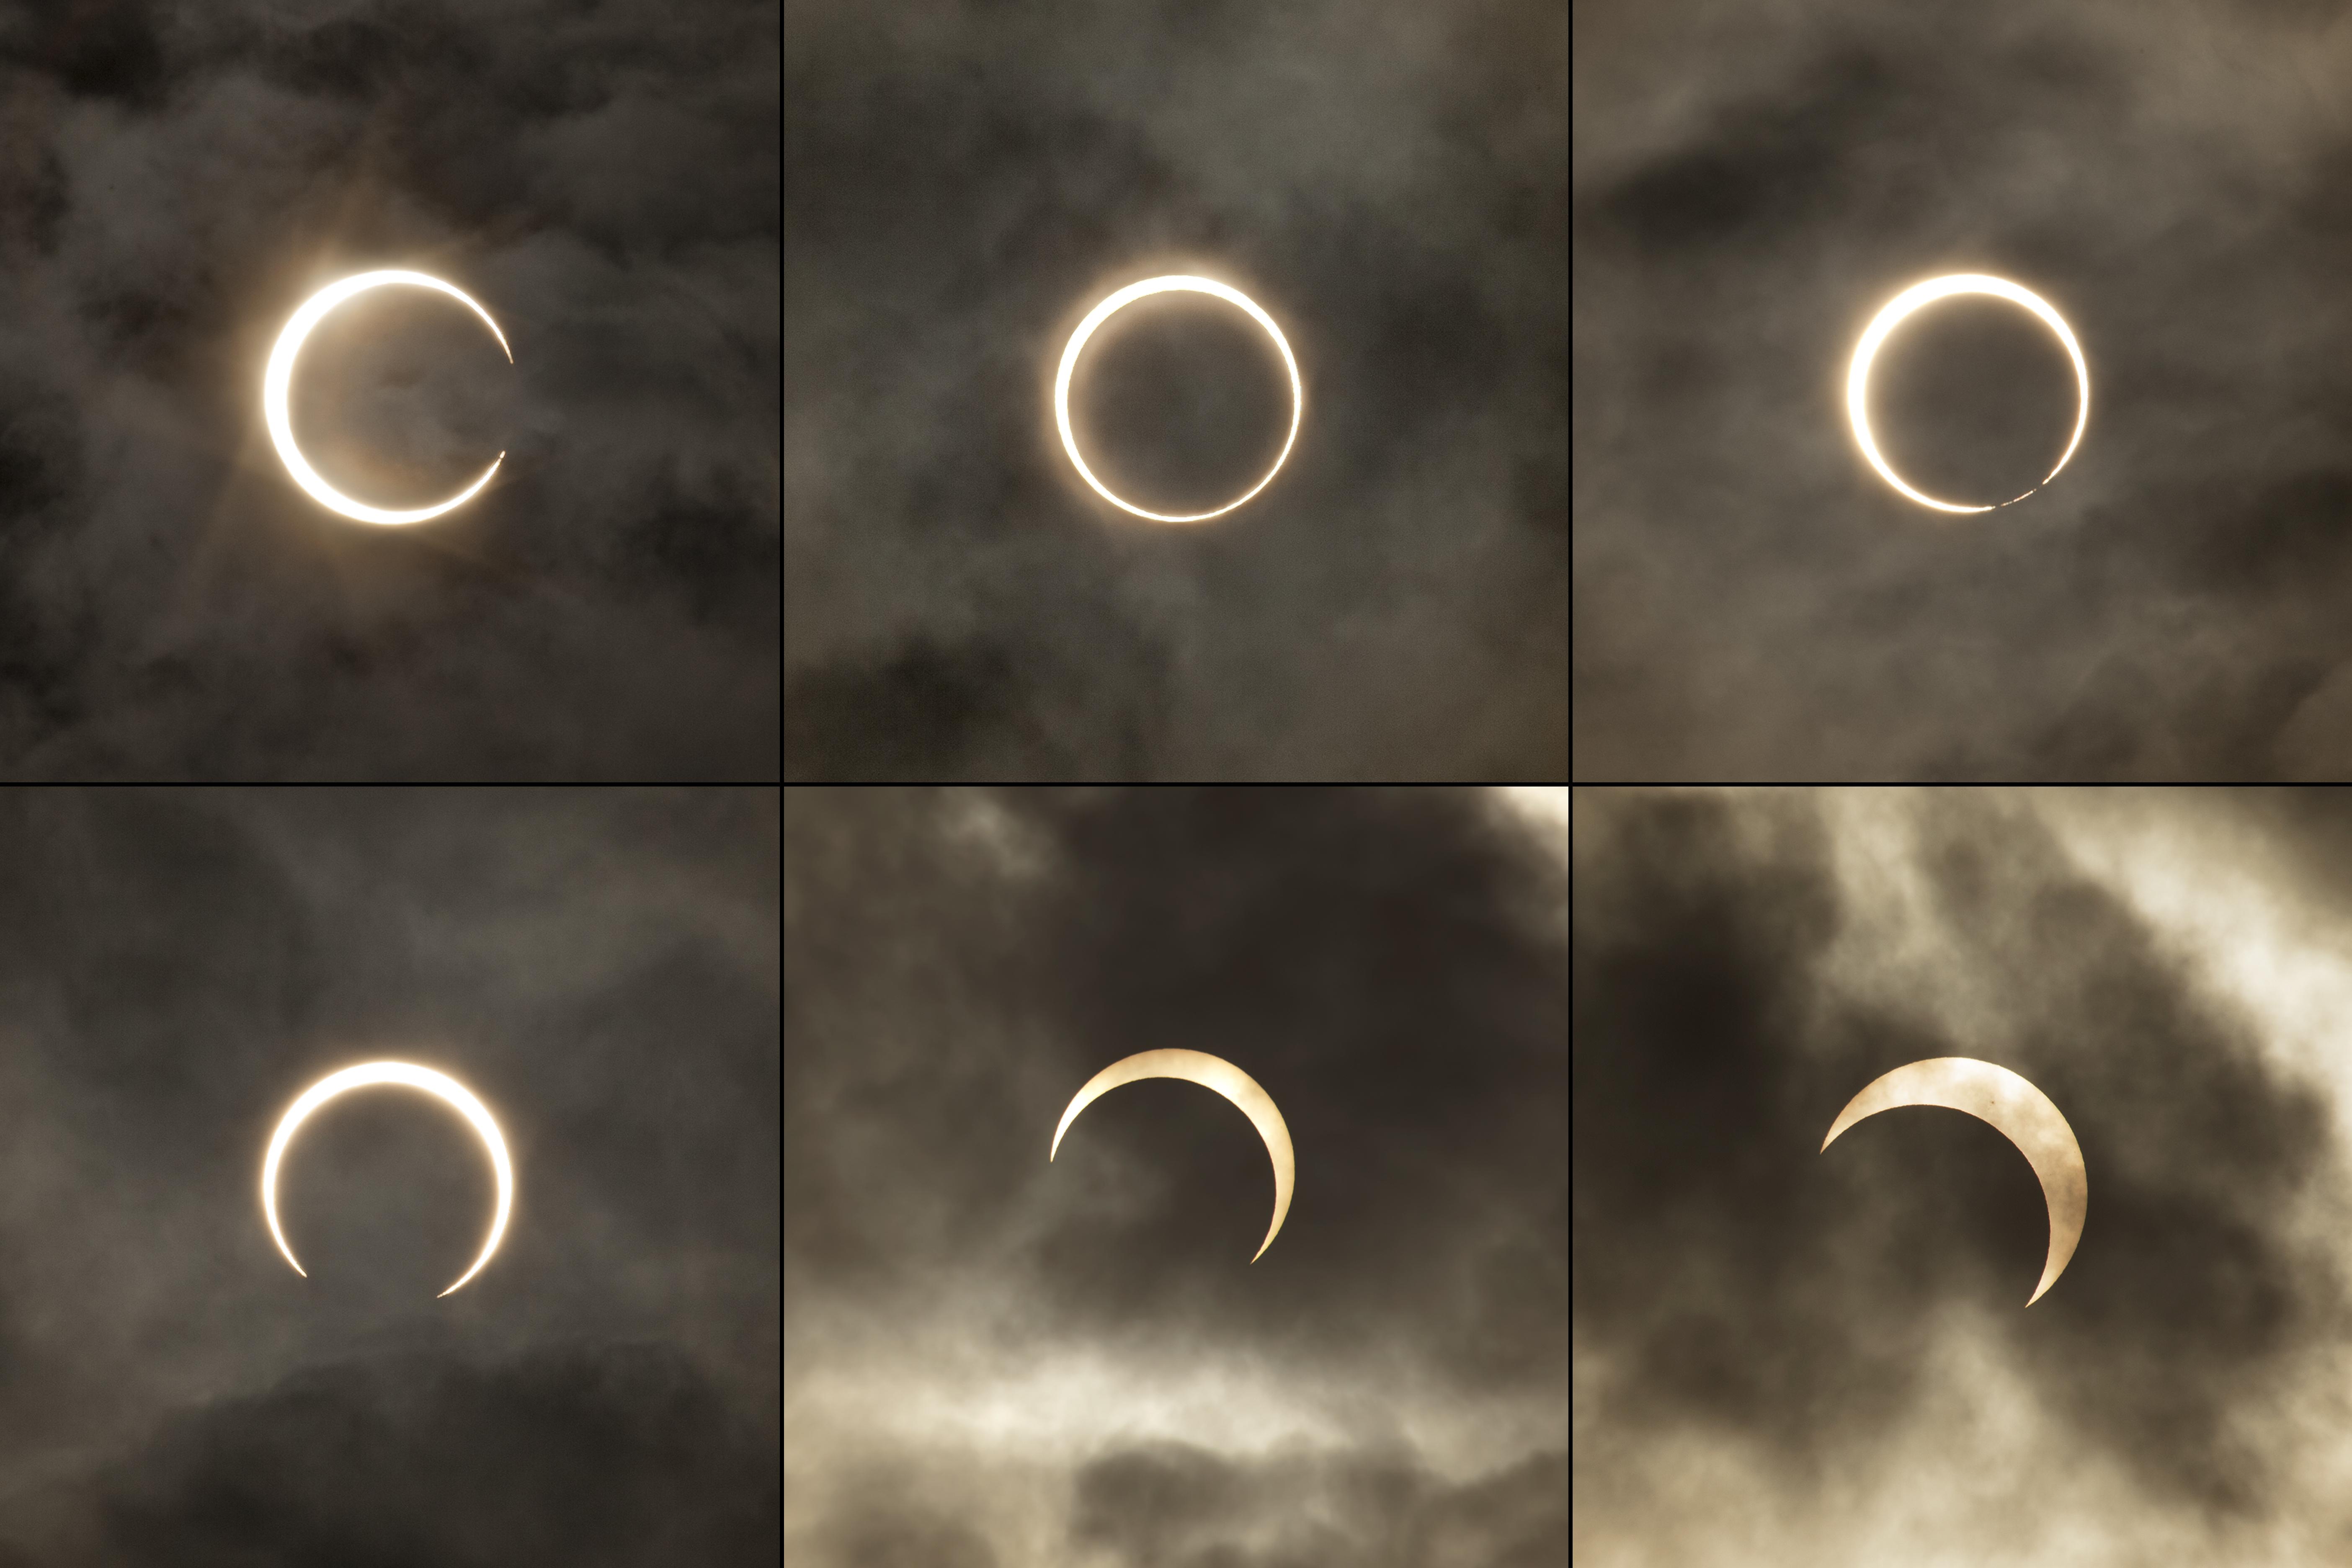 En solförmörkelse innebär att månen passerar mellan jorden och solen och skapar en skugga över jorden.